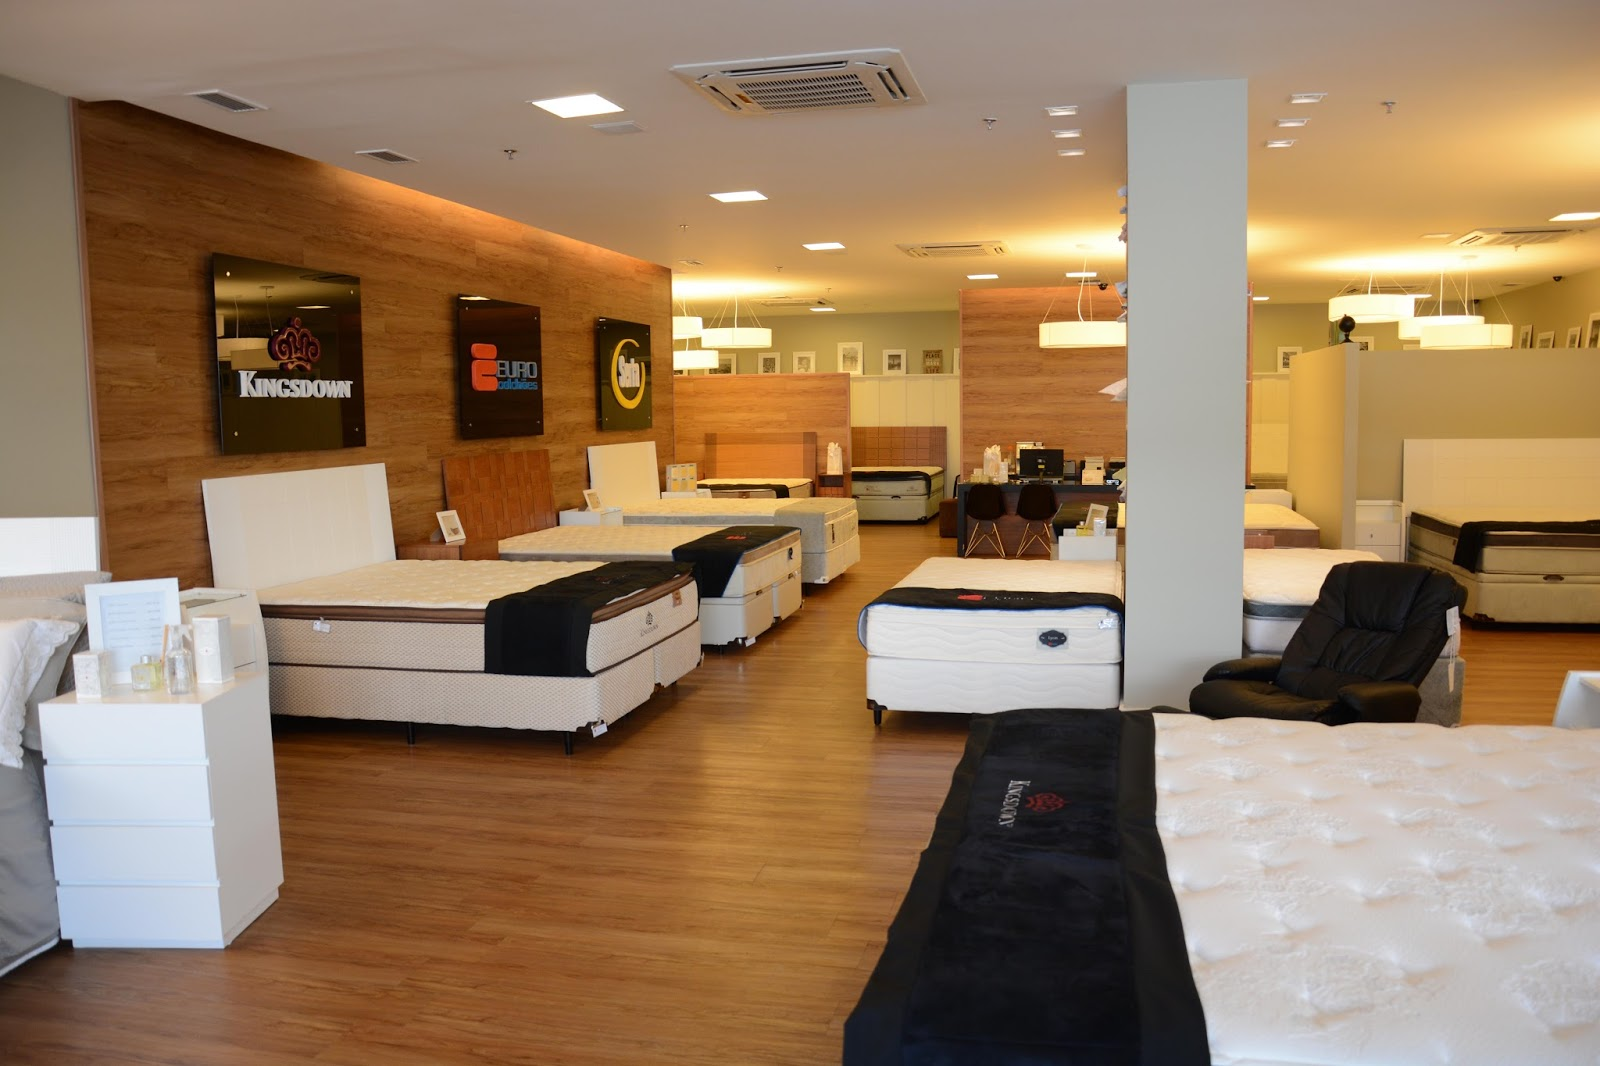 loja de fabrica sofa e colchoes porangaba ashley furniture leather quality reviews euro colchões inaugura com novo layout em campo